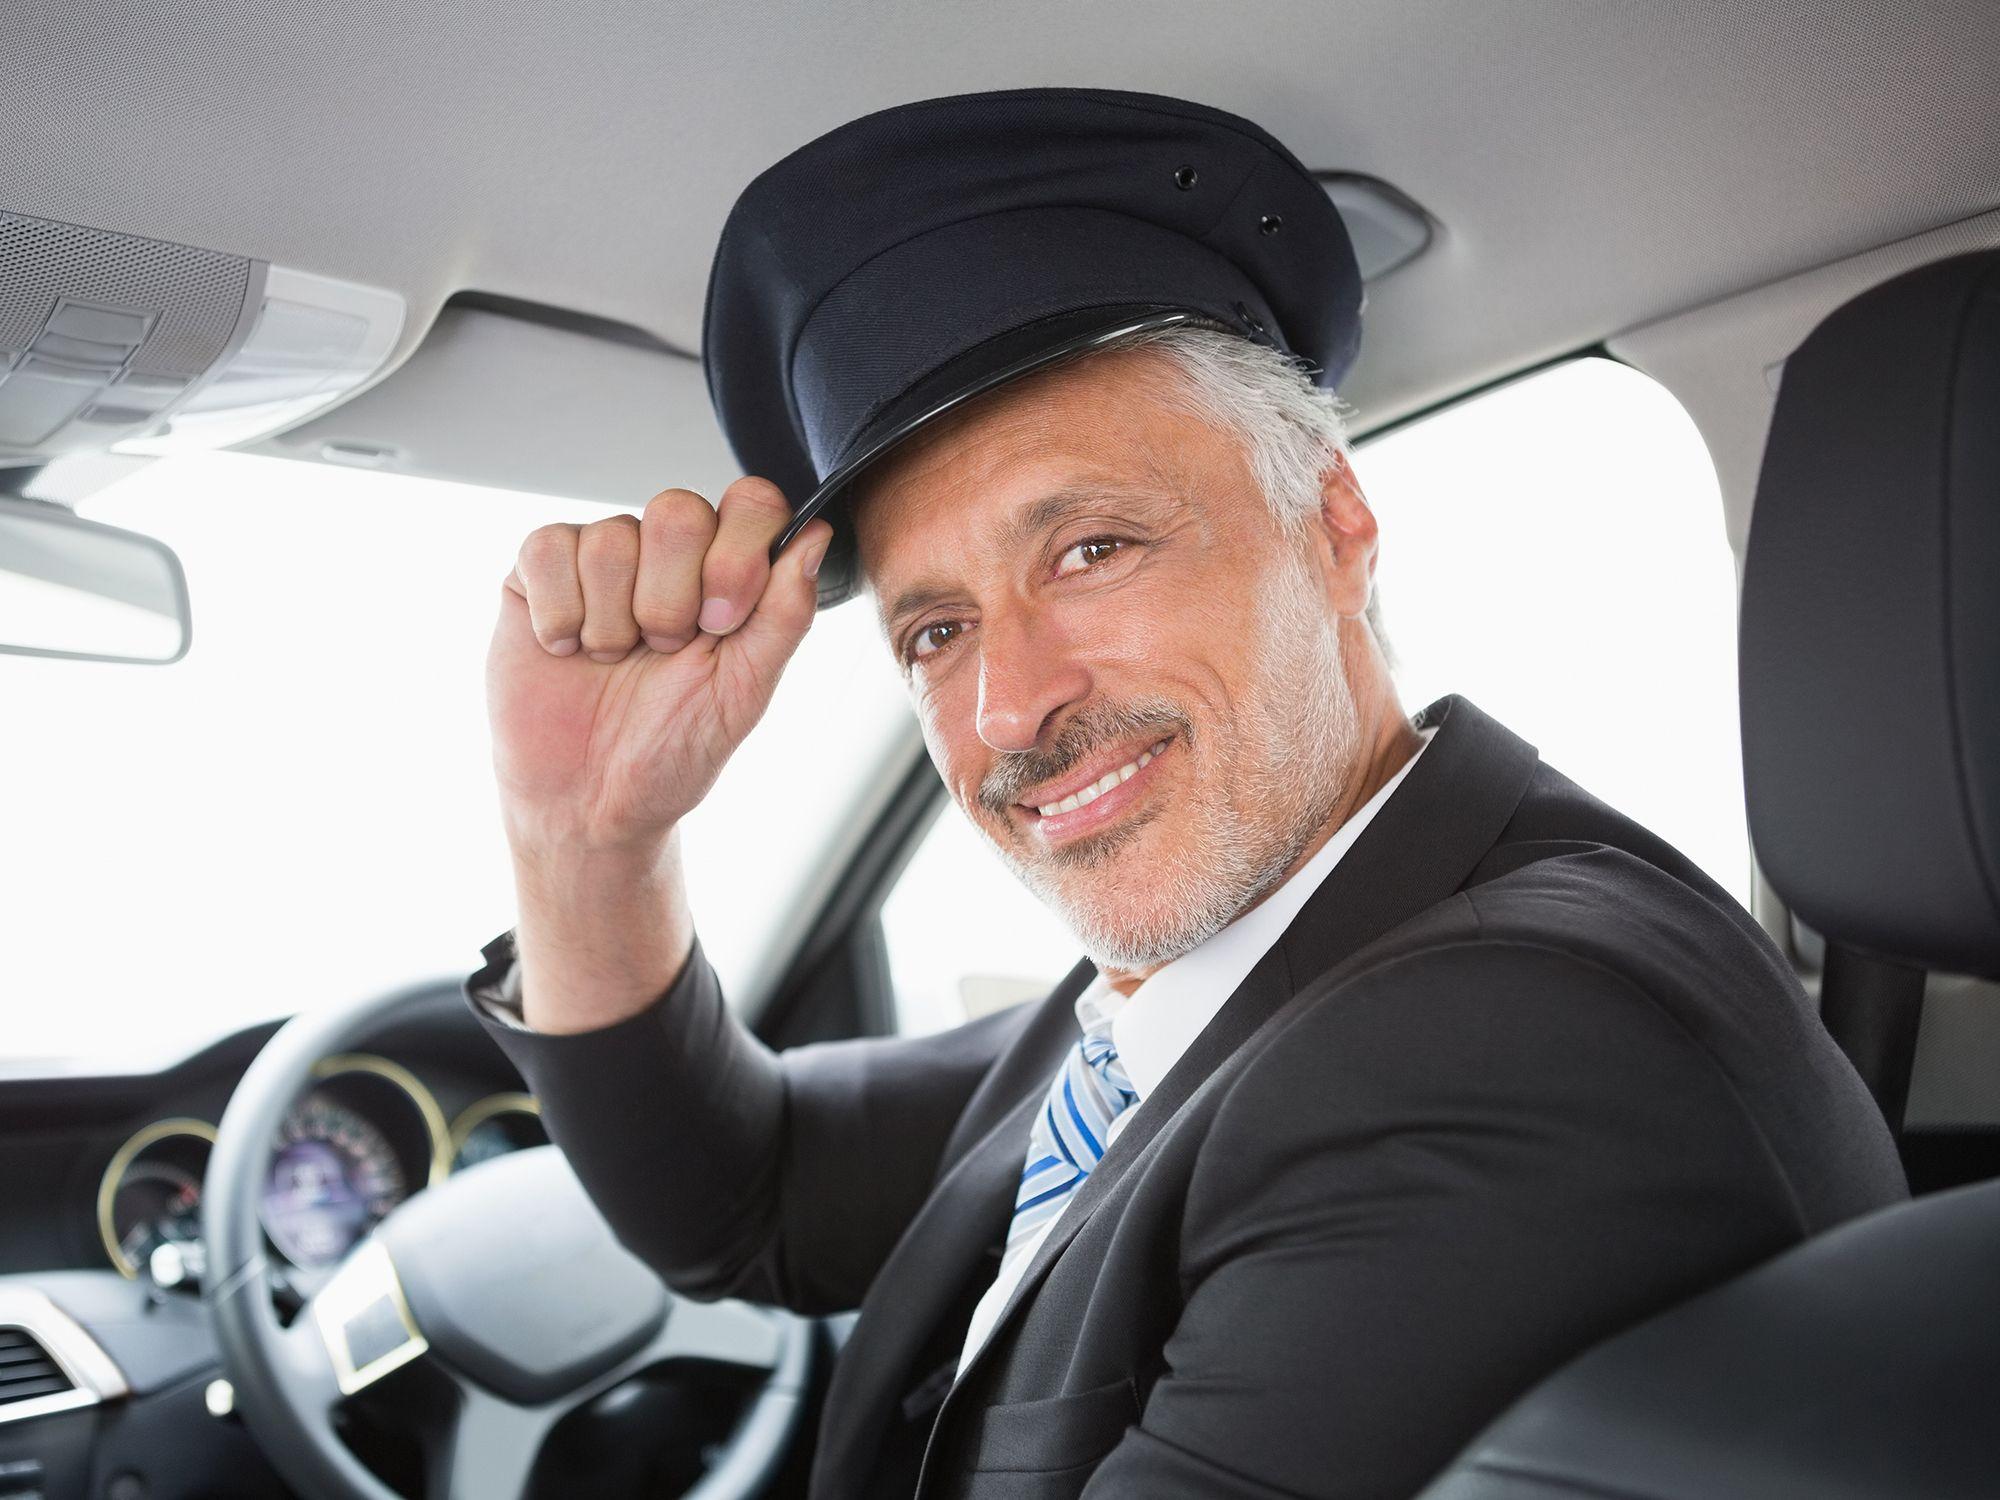 Level 6 - Chauffeure, VIP Cheuffeure, Driver, Fahrer, Leiharbeiter, Zeitarbeiter, Leiharbeitnehmer, Leihkraft, Temporärarbeiter für Chauffeur Service, Limousinenservice, Chauffeurservice, Events, Messen, Veranstaltungen, Hochzeiten, Festen und Kongressen bei uns als Chauffeurdienstagentur, Fahrer Agentur, Chauffeurdienst Agentur, Personalagentur, Zeitarbeitsfirma, Zeitarbeitsunternehmen, Personal-Service-Agentur, Personaldienstleistungsagentur und Leiharbeitsfirma per Arbeitnehmer-Leasing, Arbeitnehmerüberlassung, Arbeitskräfte-Leasing, Arbeitskräfteüberlassung, Arbeitskraftüberlassung, Leiharbeit, Mitarbeiter-Leasing, Mitarbeiterleasing, Mitarbeiterüberlassung, Personaldienstleistung, Personalleasing, Personalüberlassung, Temporärarbeit, Zeitarbeit buchen, mieten, leihen oder langfristig neue Mitarbeiter für Jobs wie Fahrer Jobs, Chauffeur Jobs, Schülerjobs, Ferienjobs, Aushilfsjobs, Studentenjobs, Werkstudentenjobs, Saisonjobs, Vollzeit Jobs, Teilzeit Jobs, Nebenjobs, Temporär Jobs, Gelegenheitsjobs per Personalvermittlung suchen, finden und vermittelt bekommen.